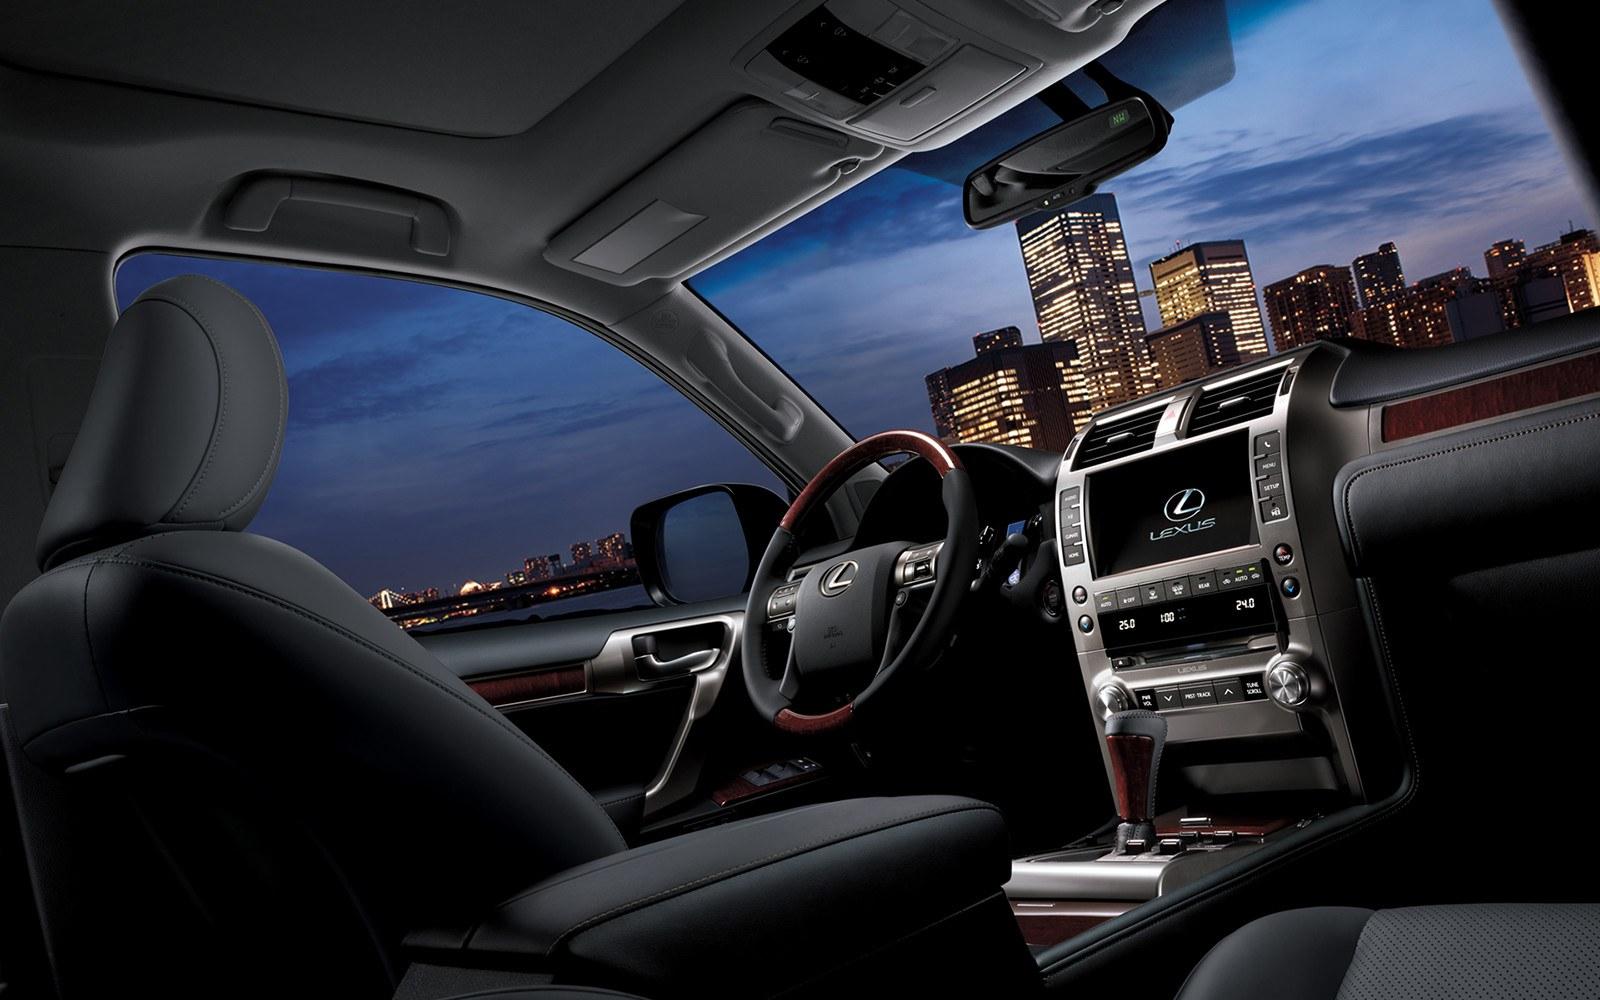 2019 Lexus GX Interior at Ken Shaw Lexus in Toronto